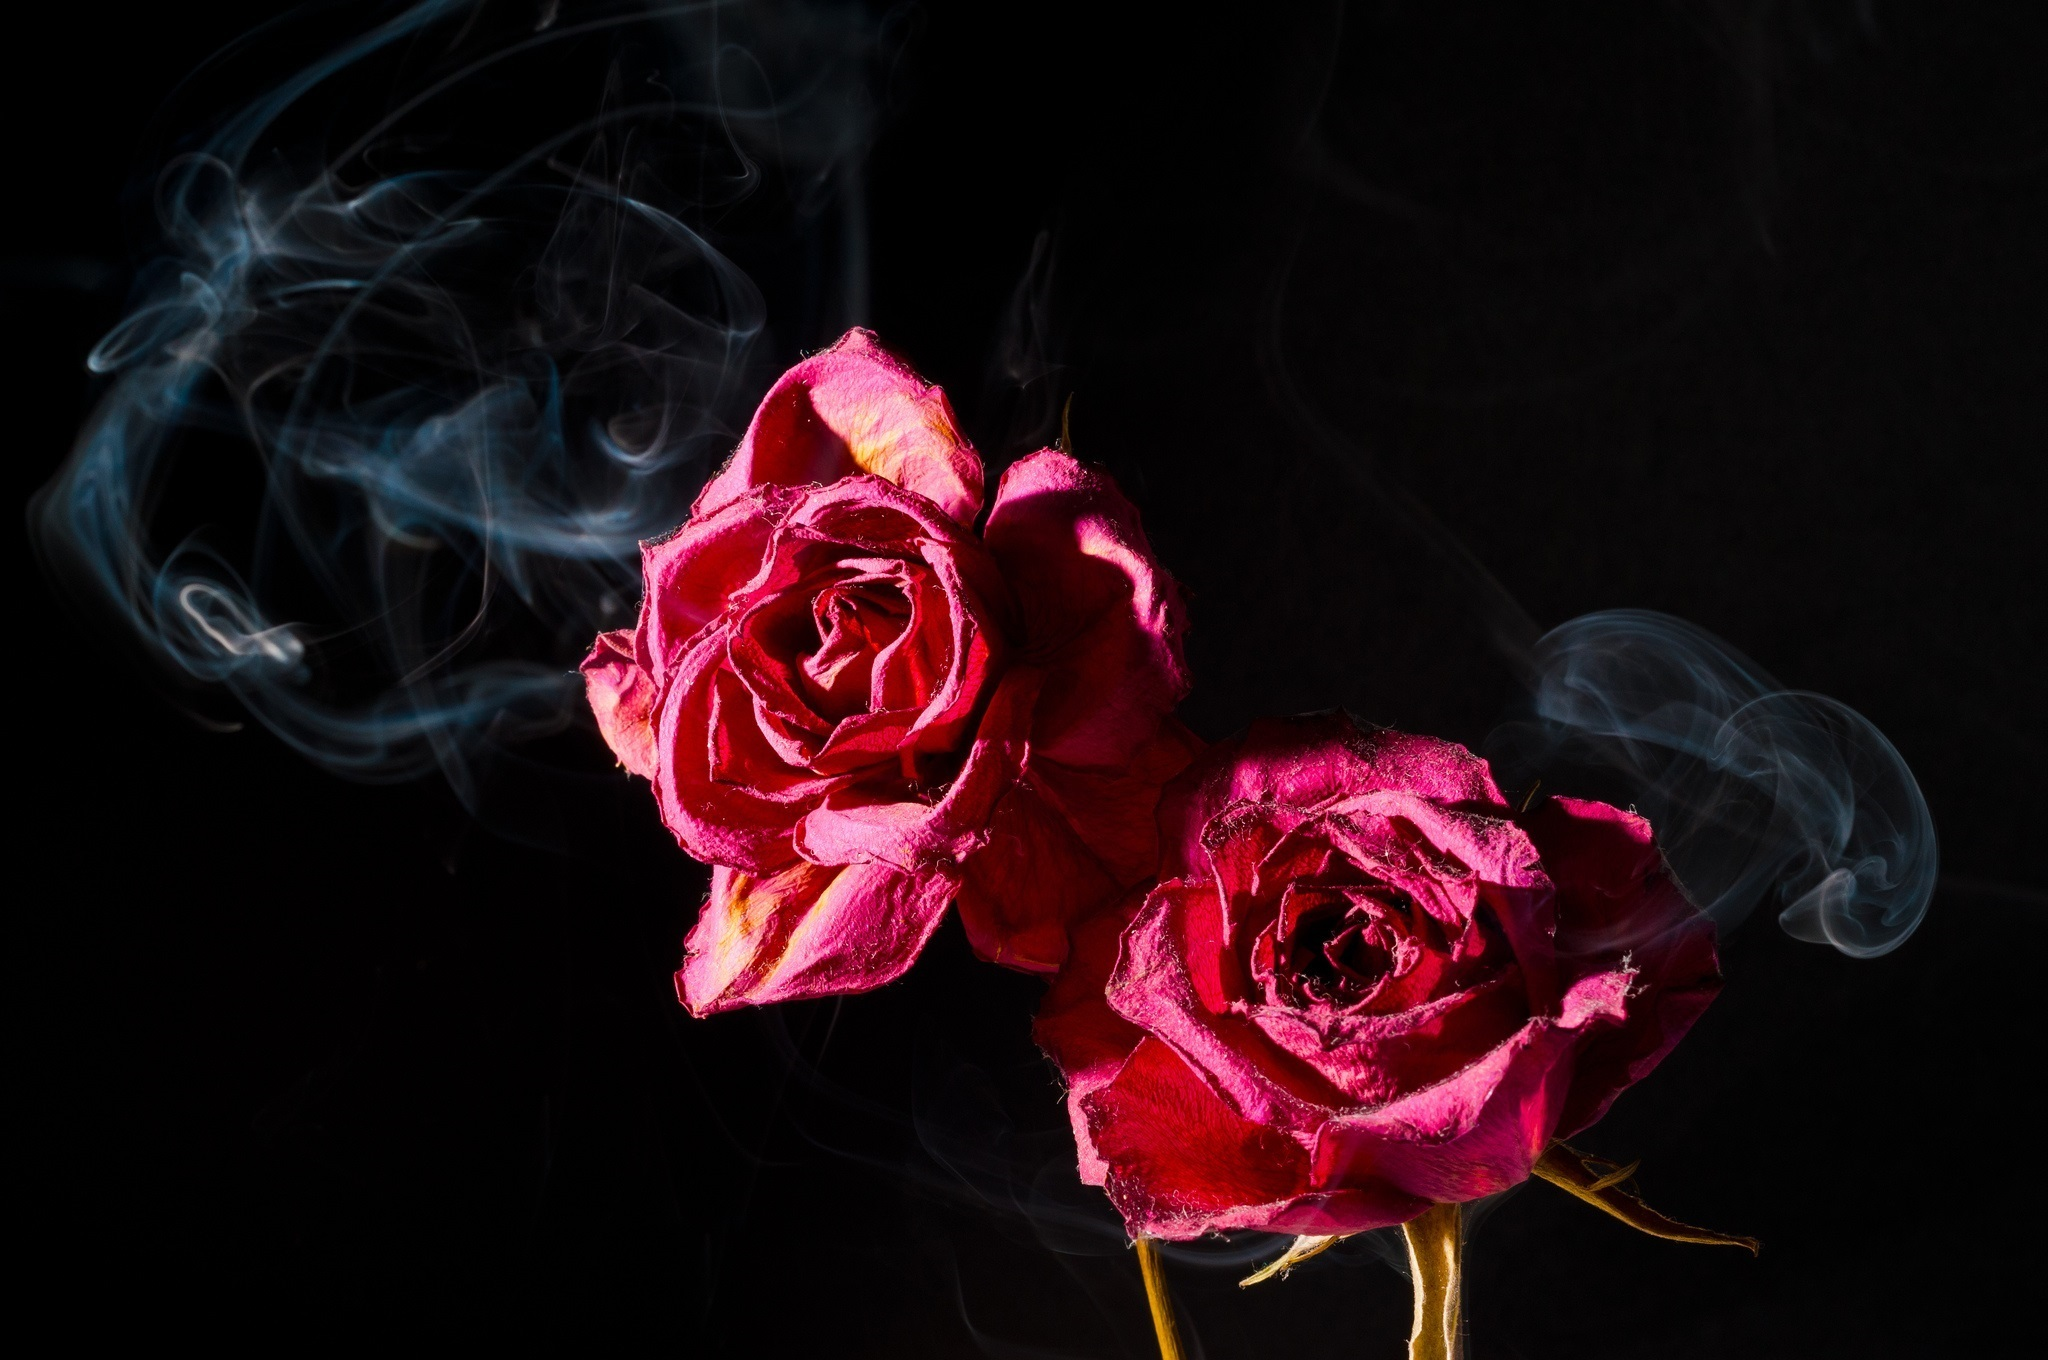 белые розы на черном фоне обои на рабочий стол № 133719 без смс